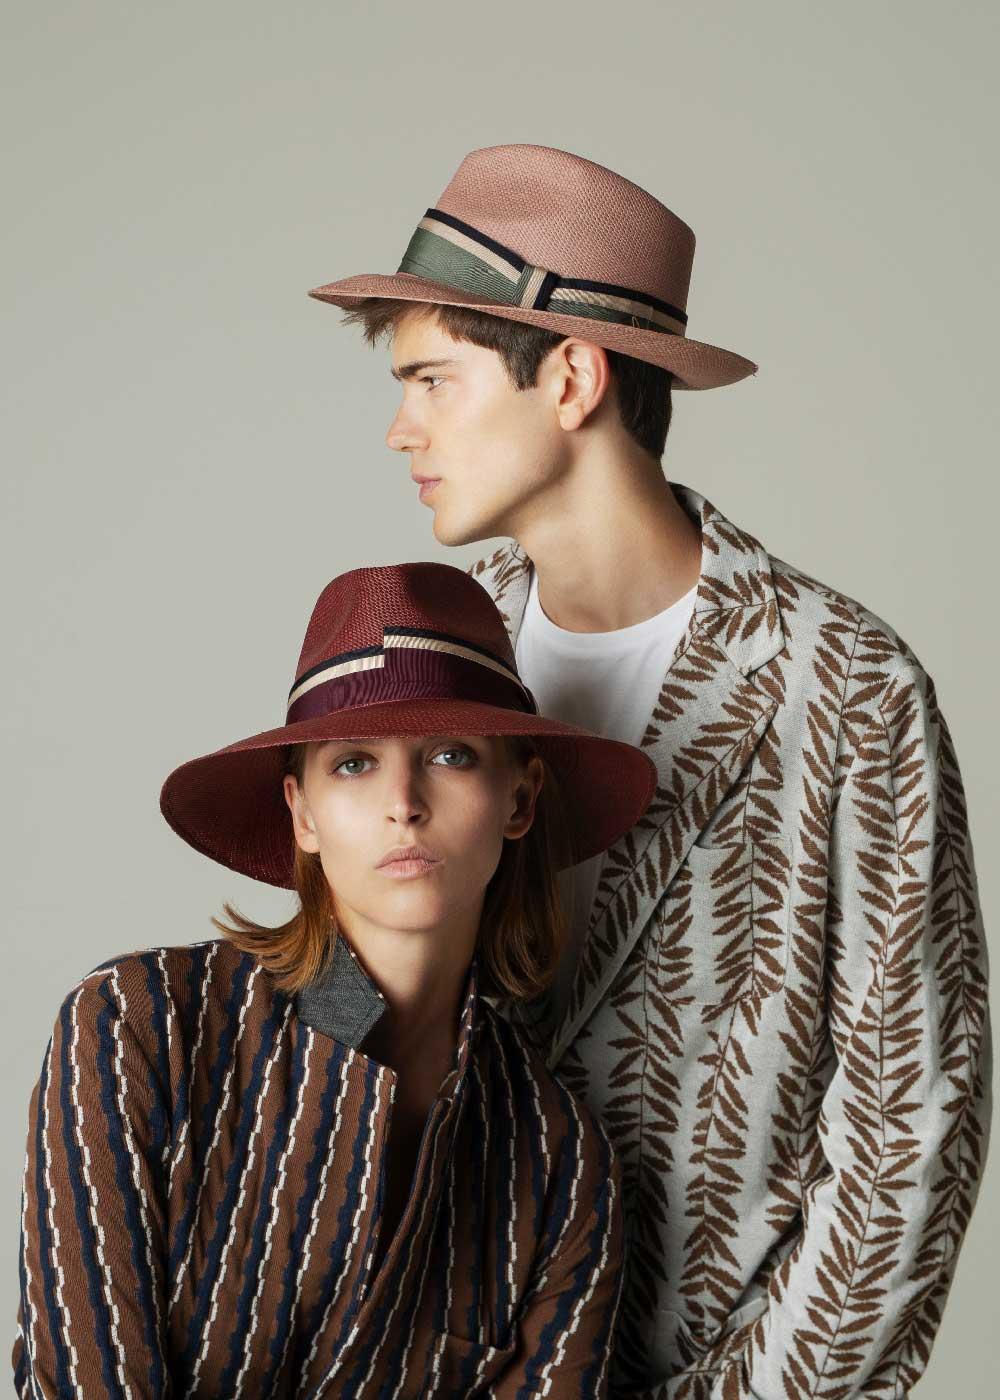 Mirto Cappello Fedora di Paglia Naturale Doria 1905